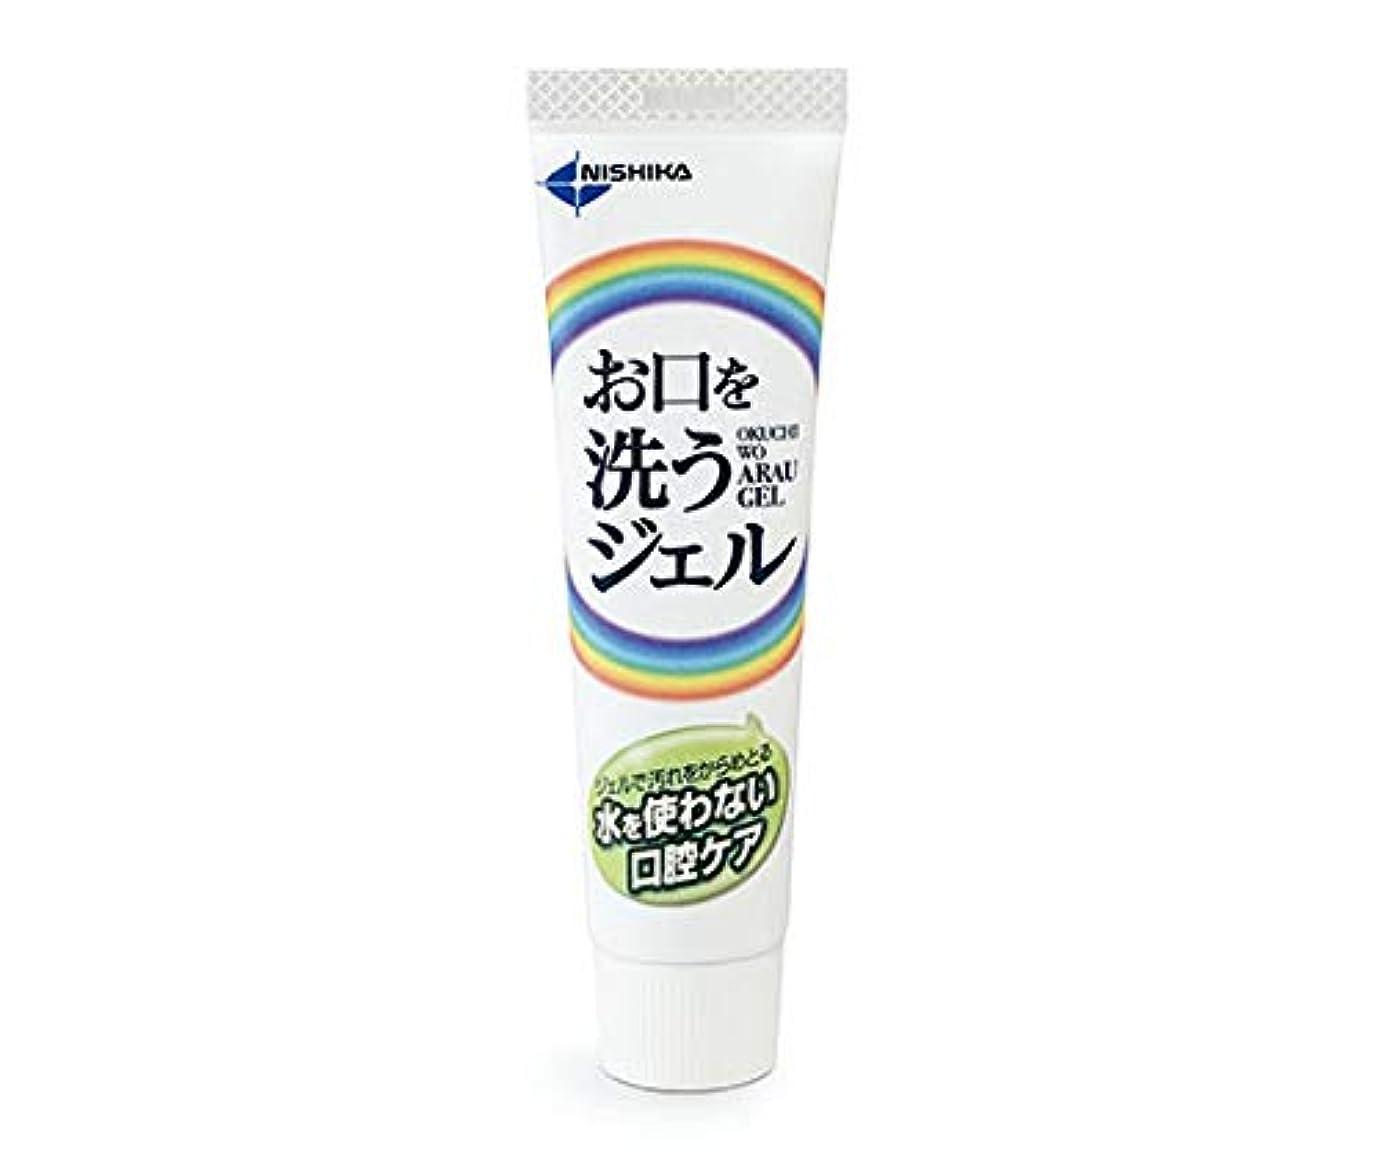 素晴らしい定説愛する日本歯科薬品 お口を洗うジェル(口腔ケア用ジェル) 25g